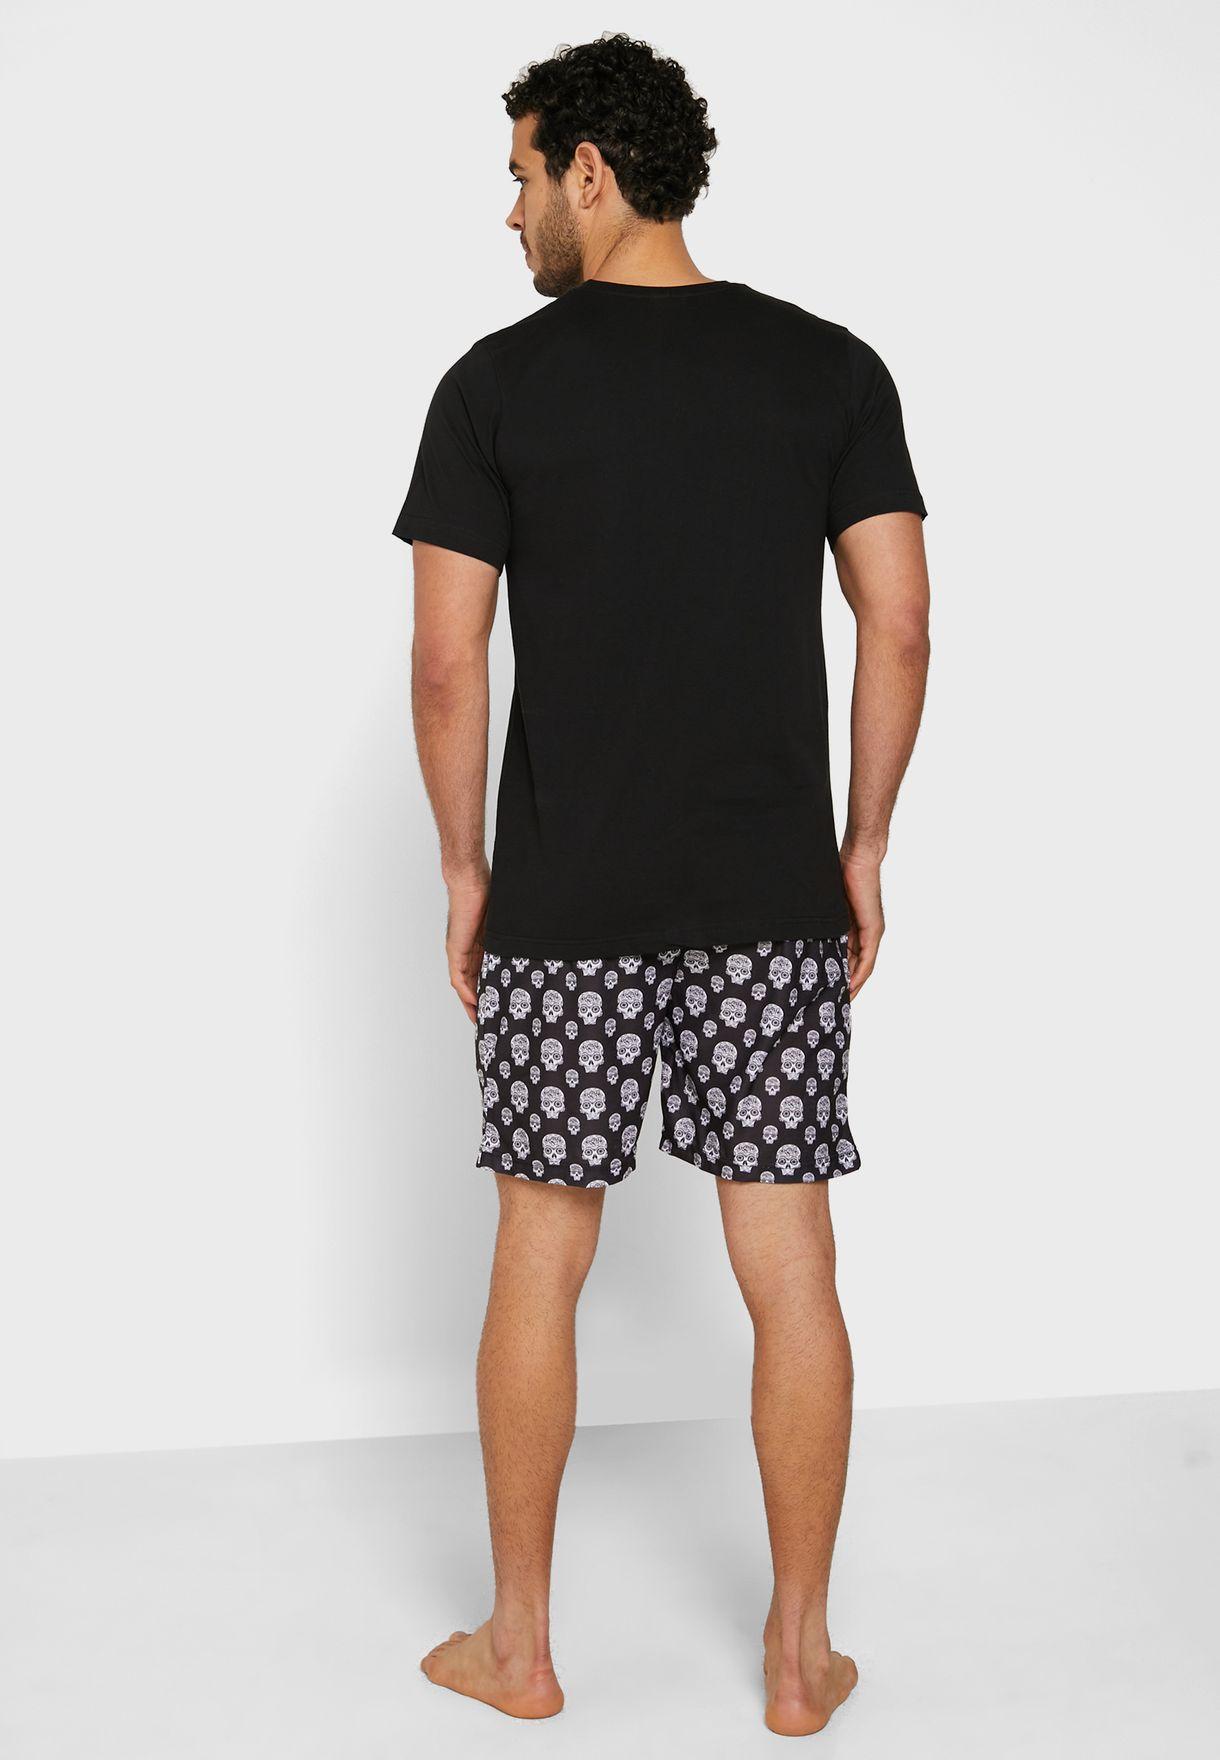 Skull Printed Shorts and T-Shirt Set